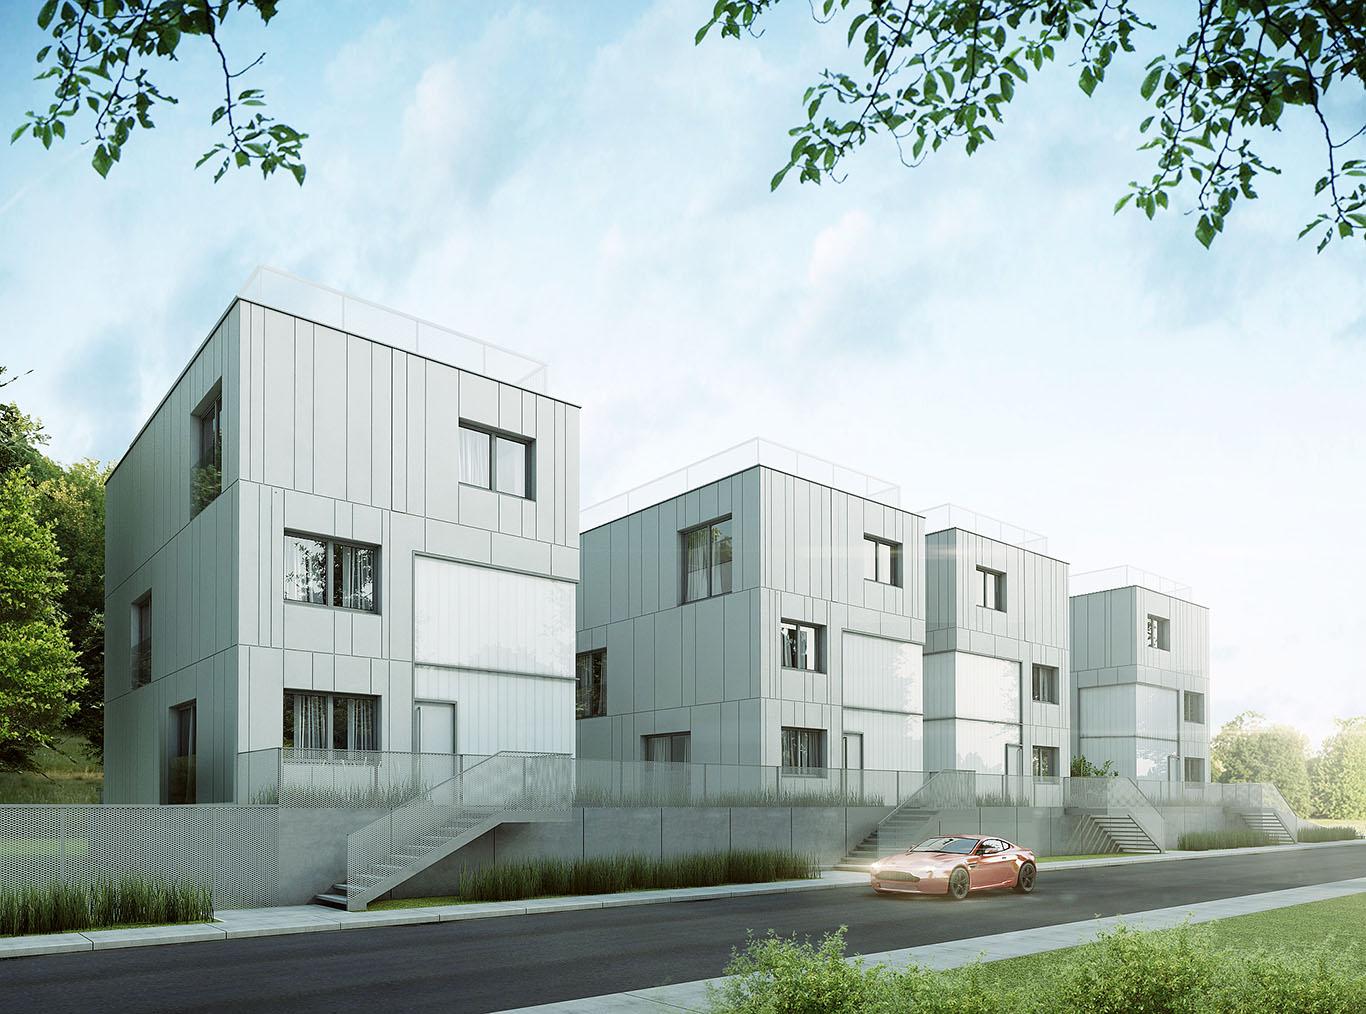 Kompleks budynków mieszkalnych przyul.Słonecznikowej